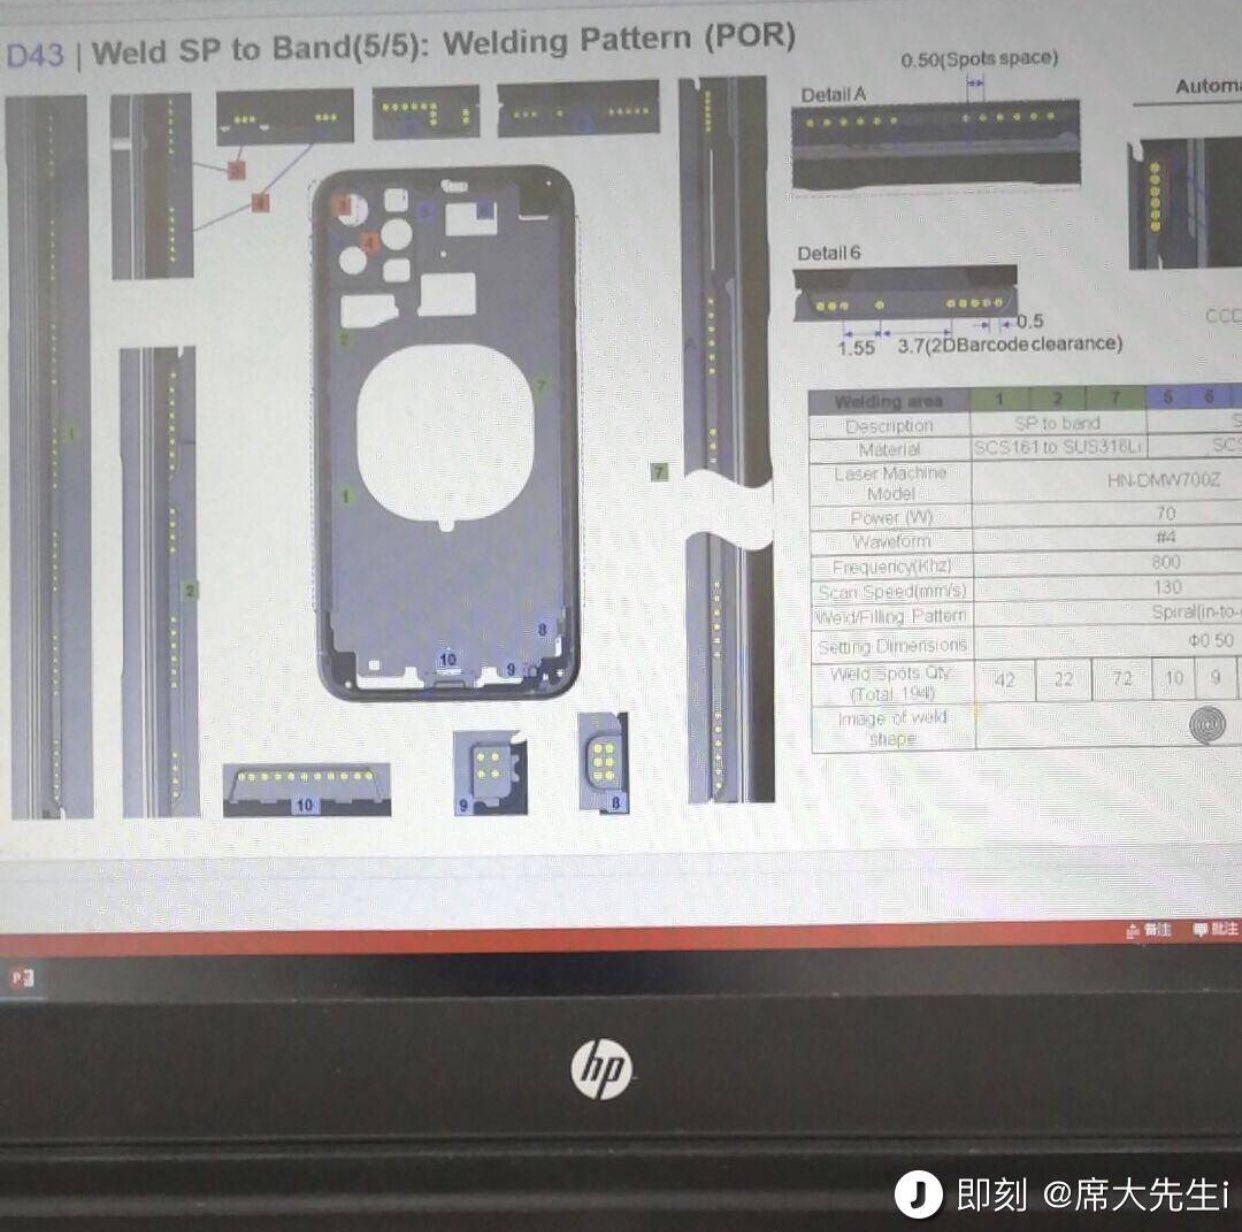 2019年の次期iPhoneのデザインが流出か、トリプルカメラ用の穴が確認される